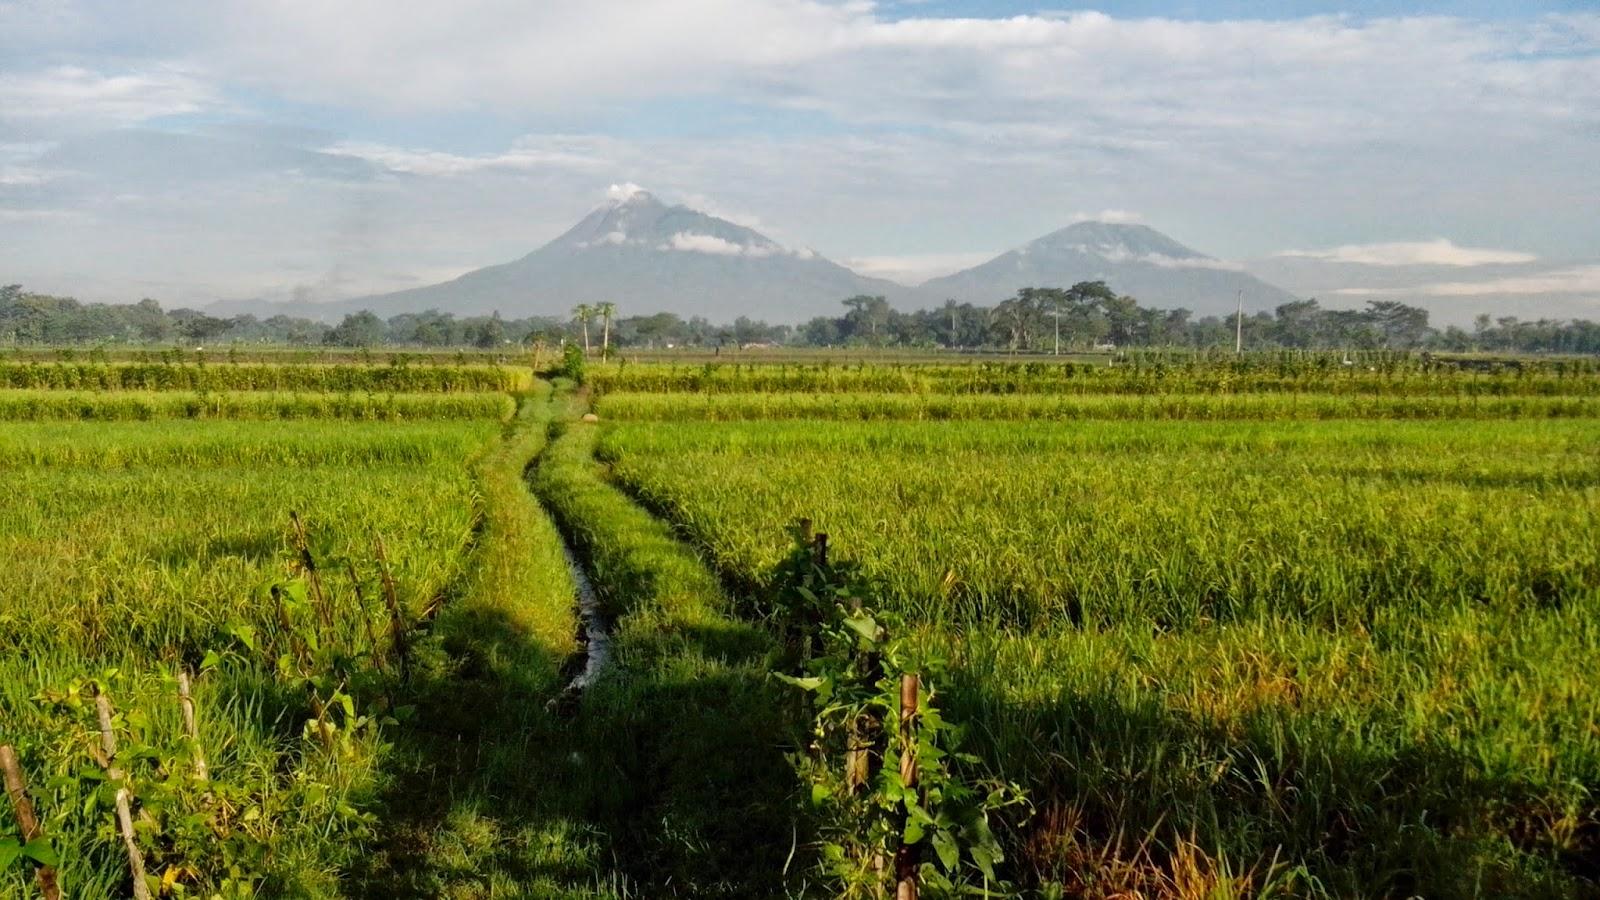 Jumlah Kecamatan dan Desa di Kabupaten Klaten